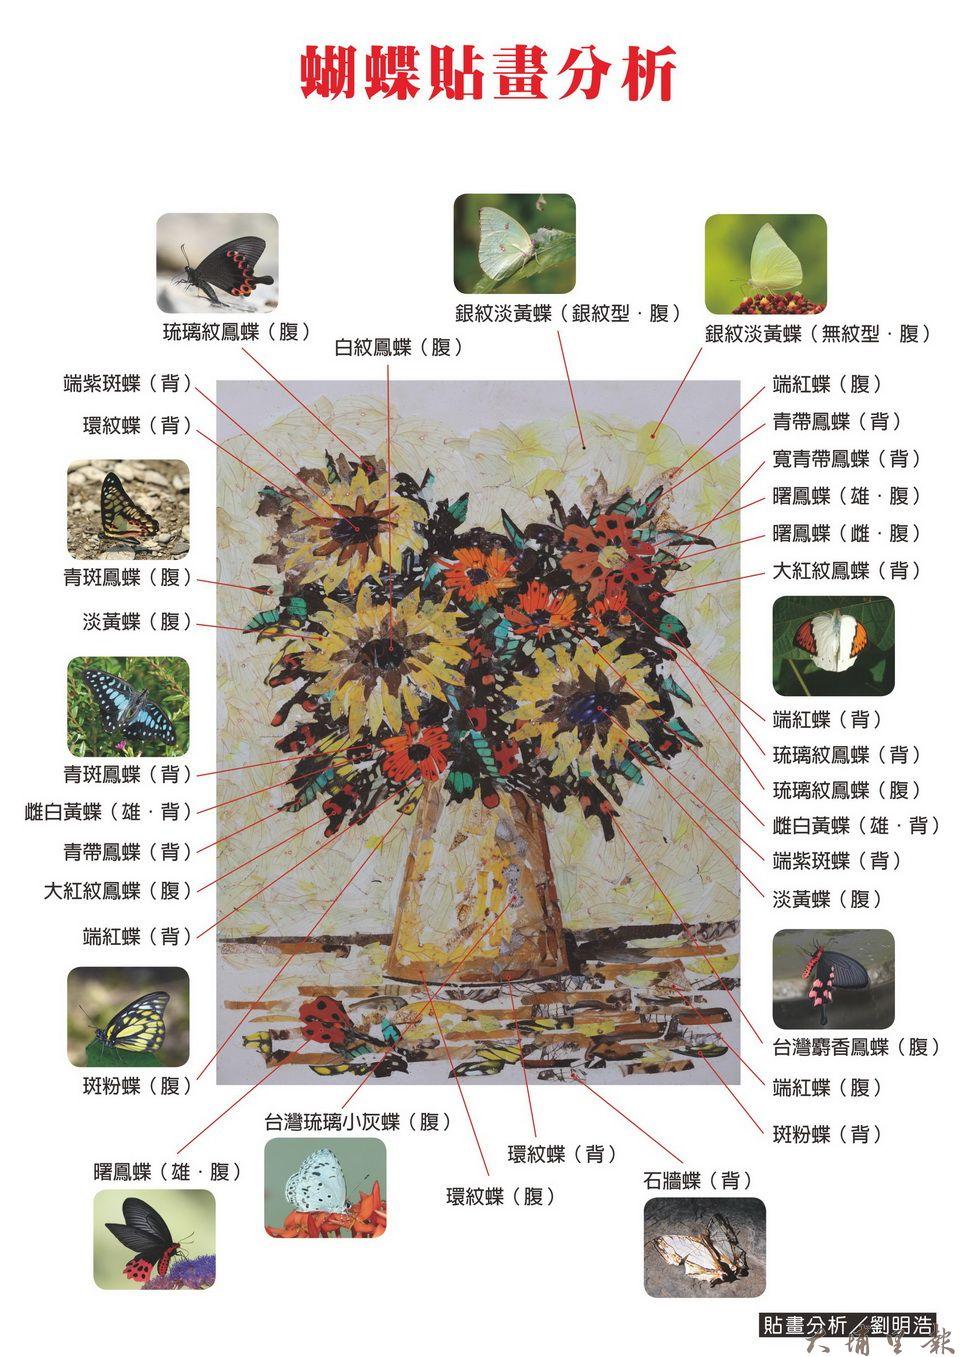 蝴蝶貼畫由無數蝴蝶生命所構築成,你能分辨出哪幾種呢。(貼畫分析/劉明浩)